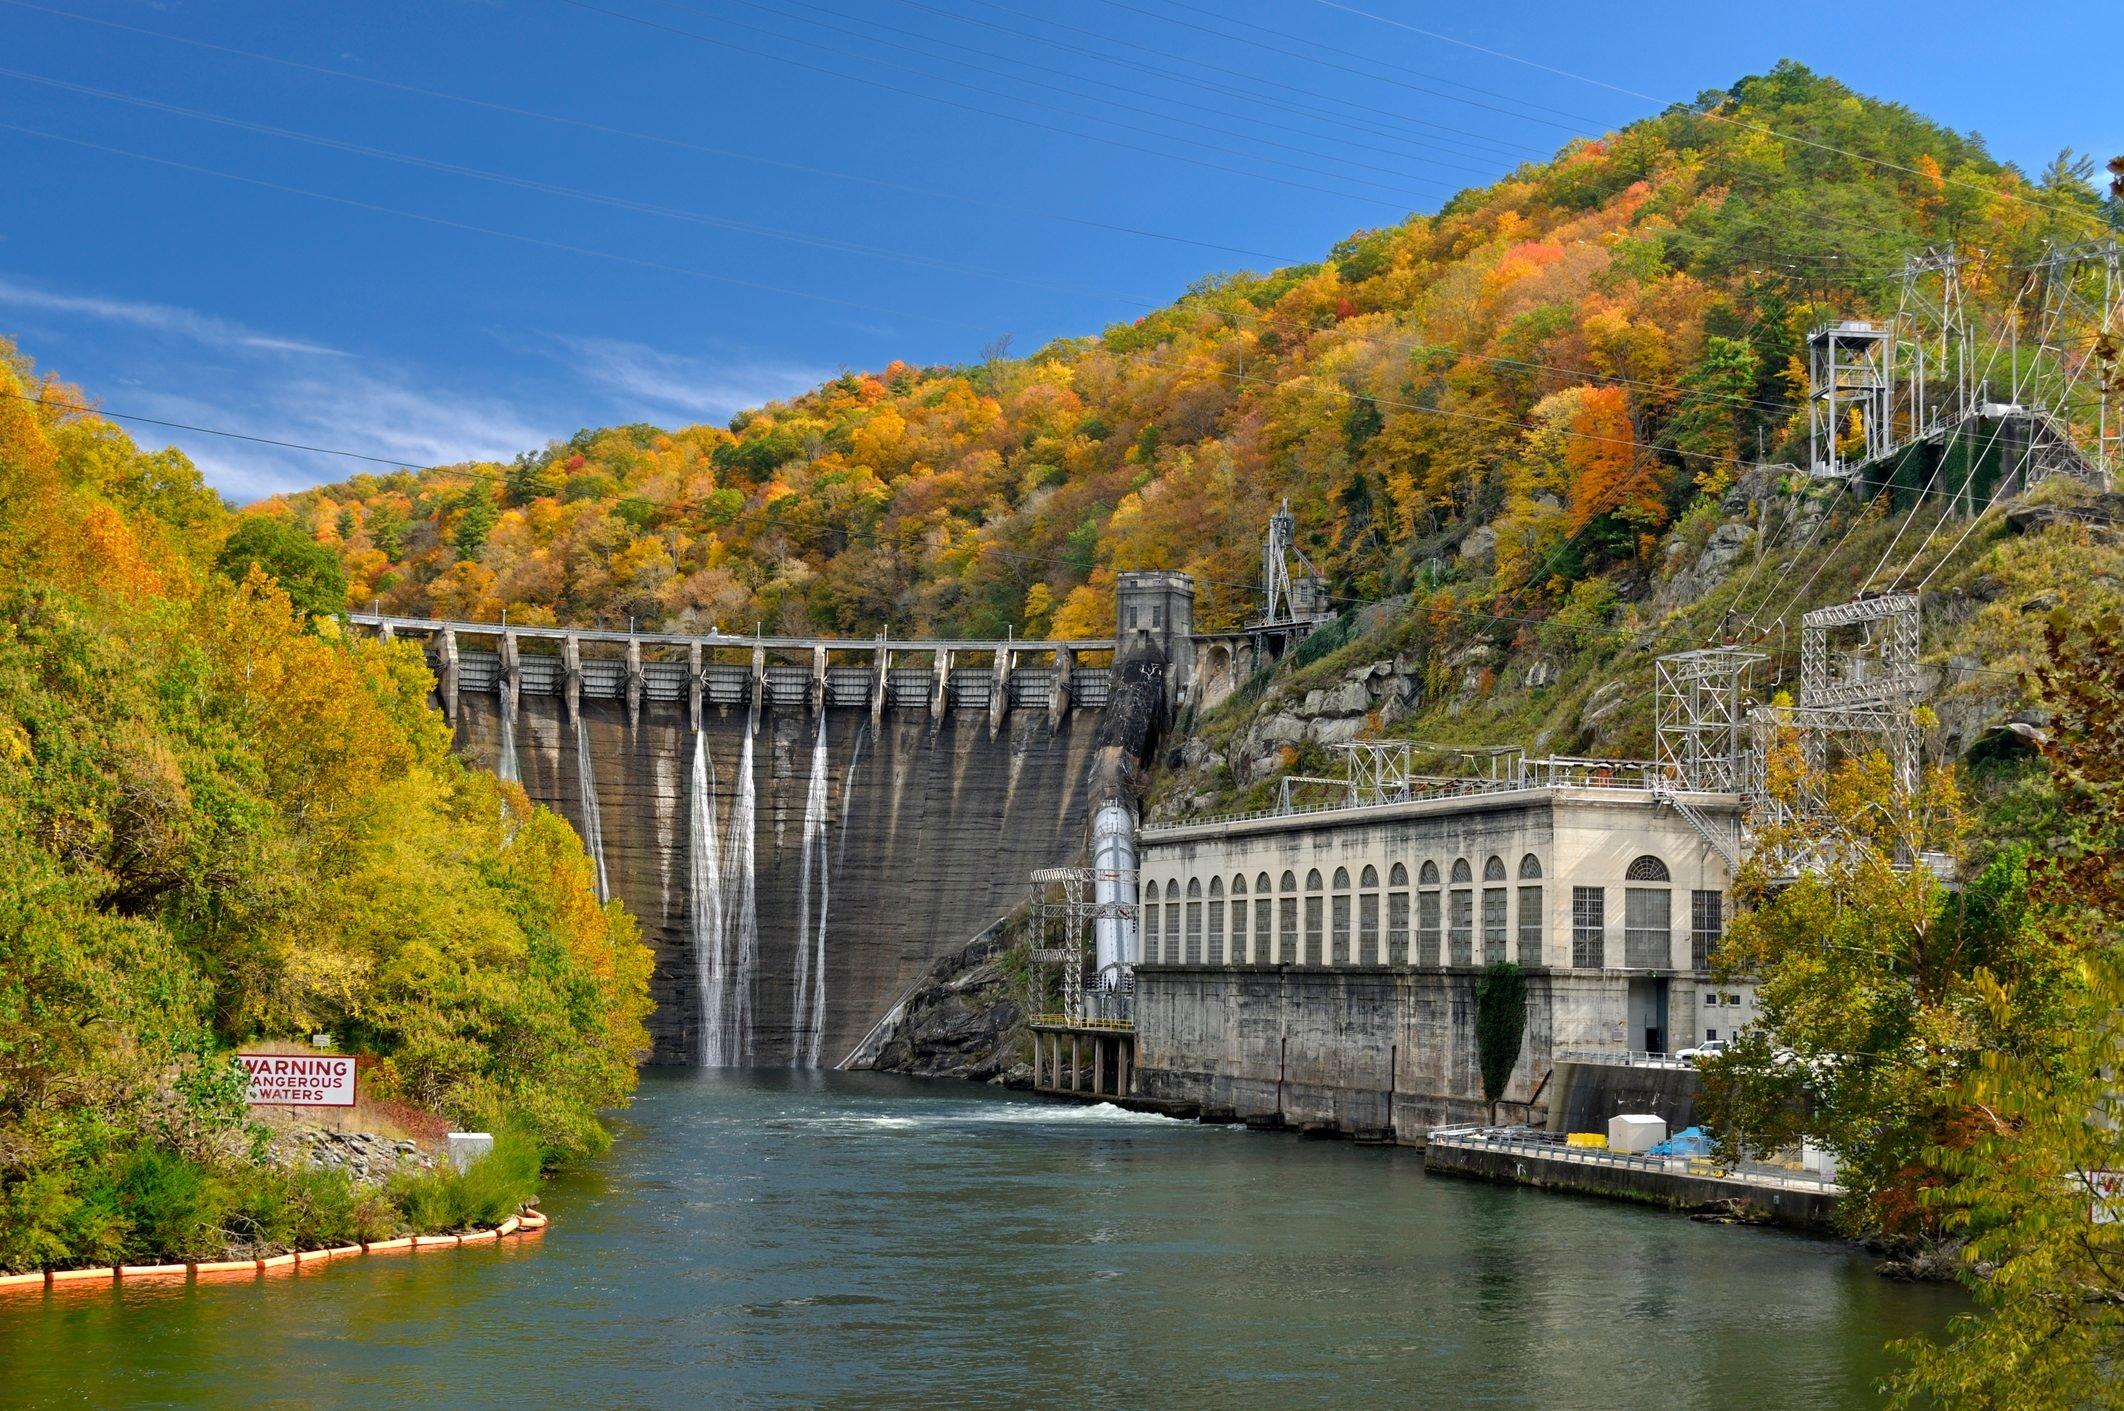 Cheoah Dam on Cherohala Skyway in North Carolina, USA